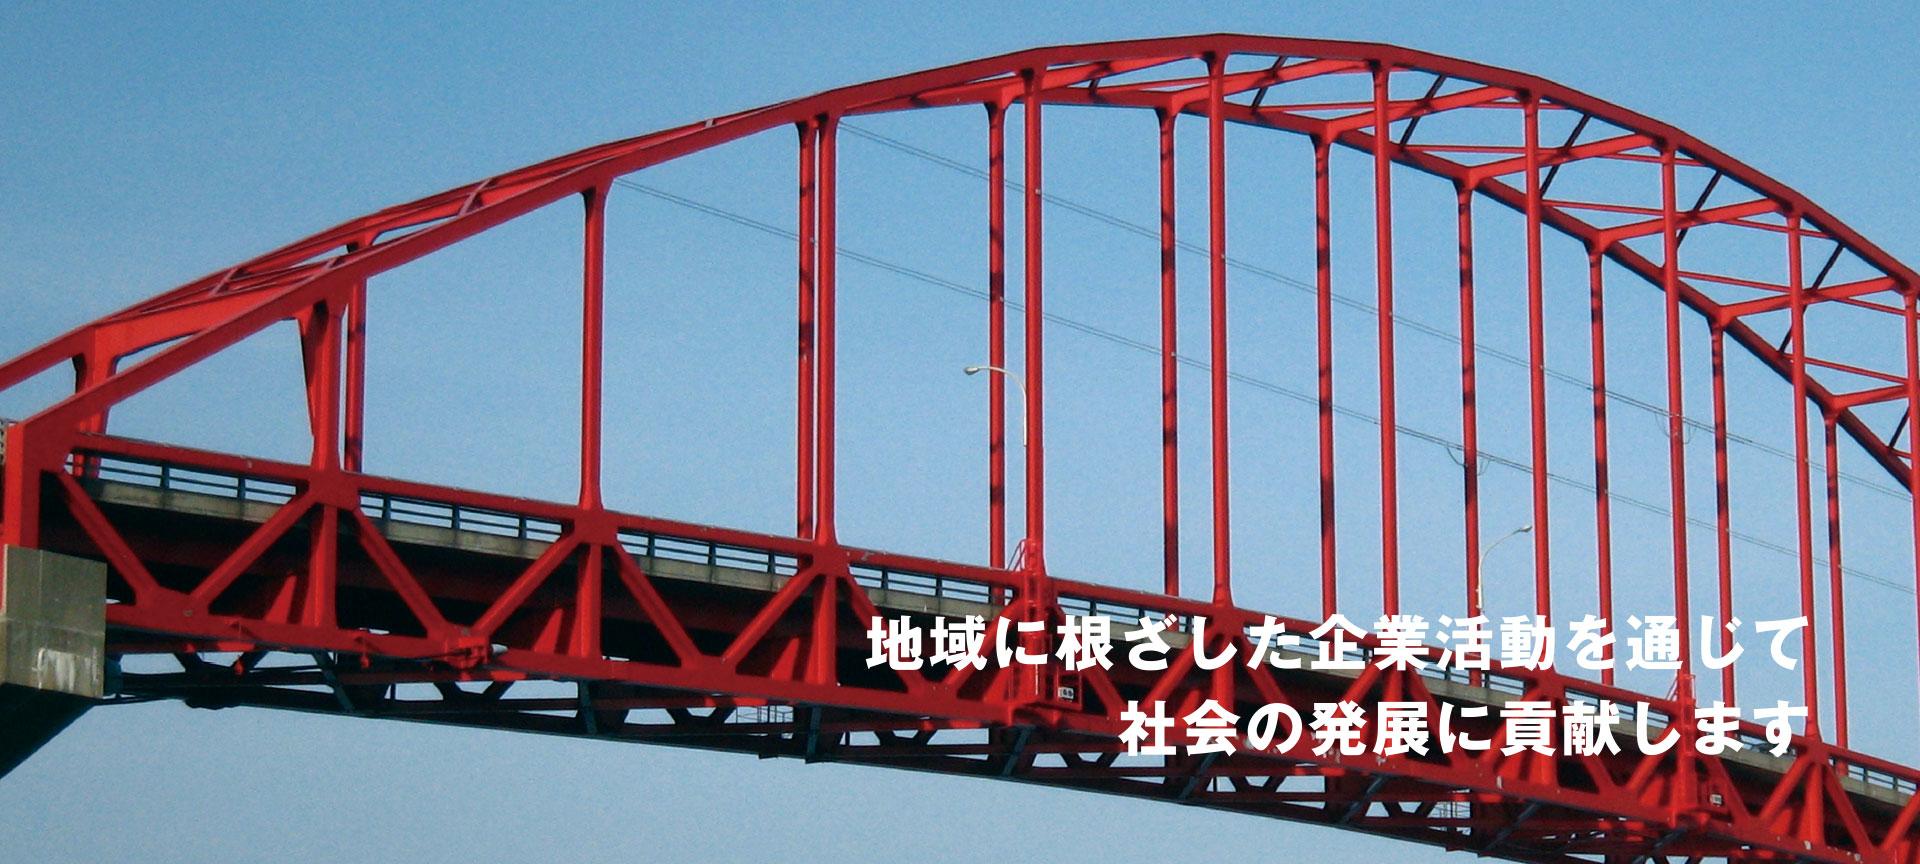 山口県下松市金井金属工業 地域に根ざした企業活動を通じて社会の発展に貢献します